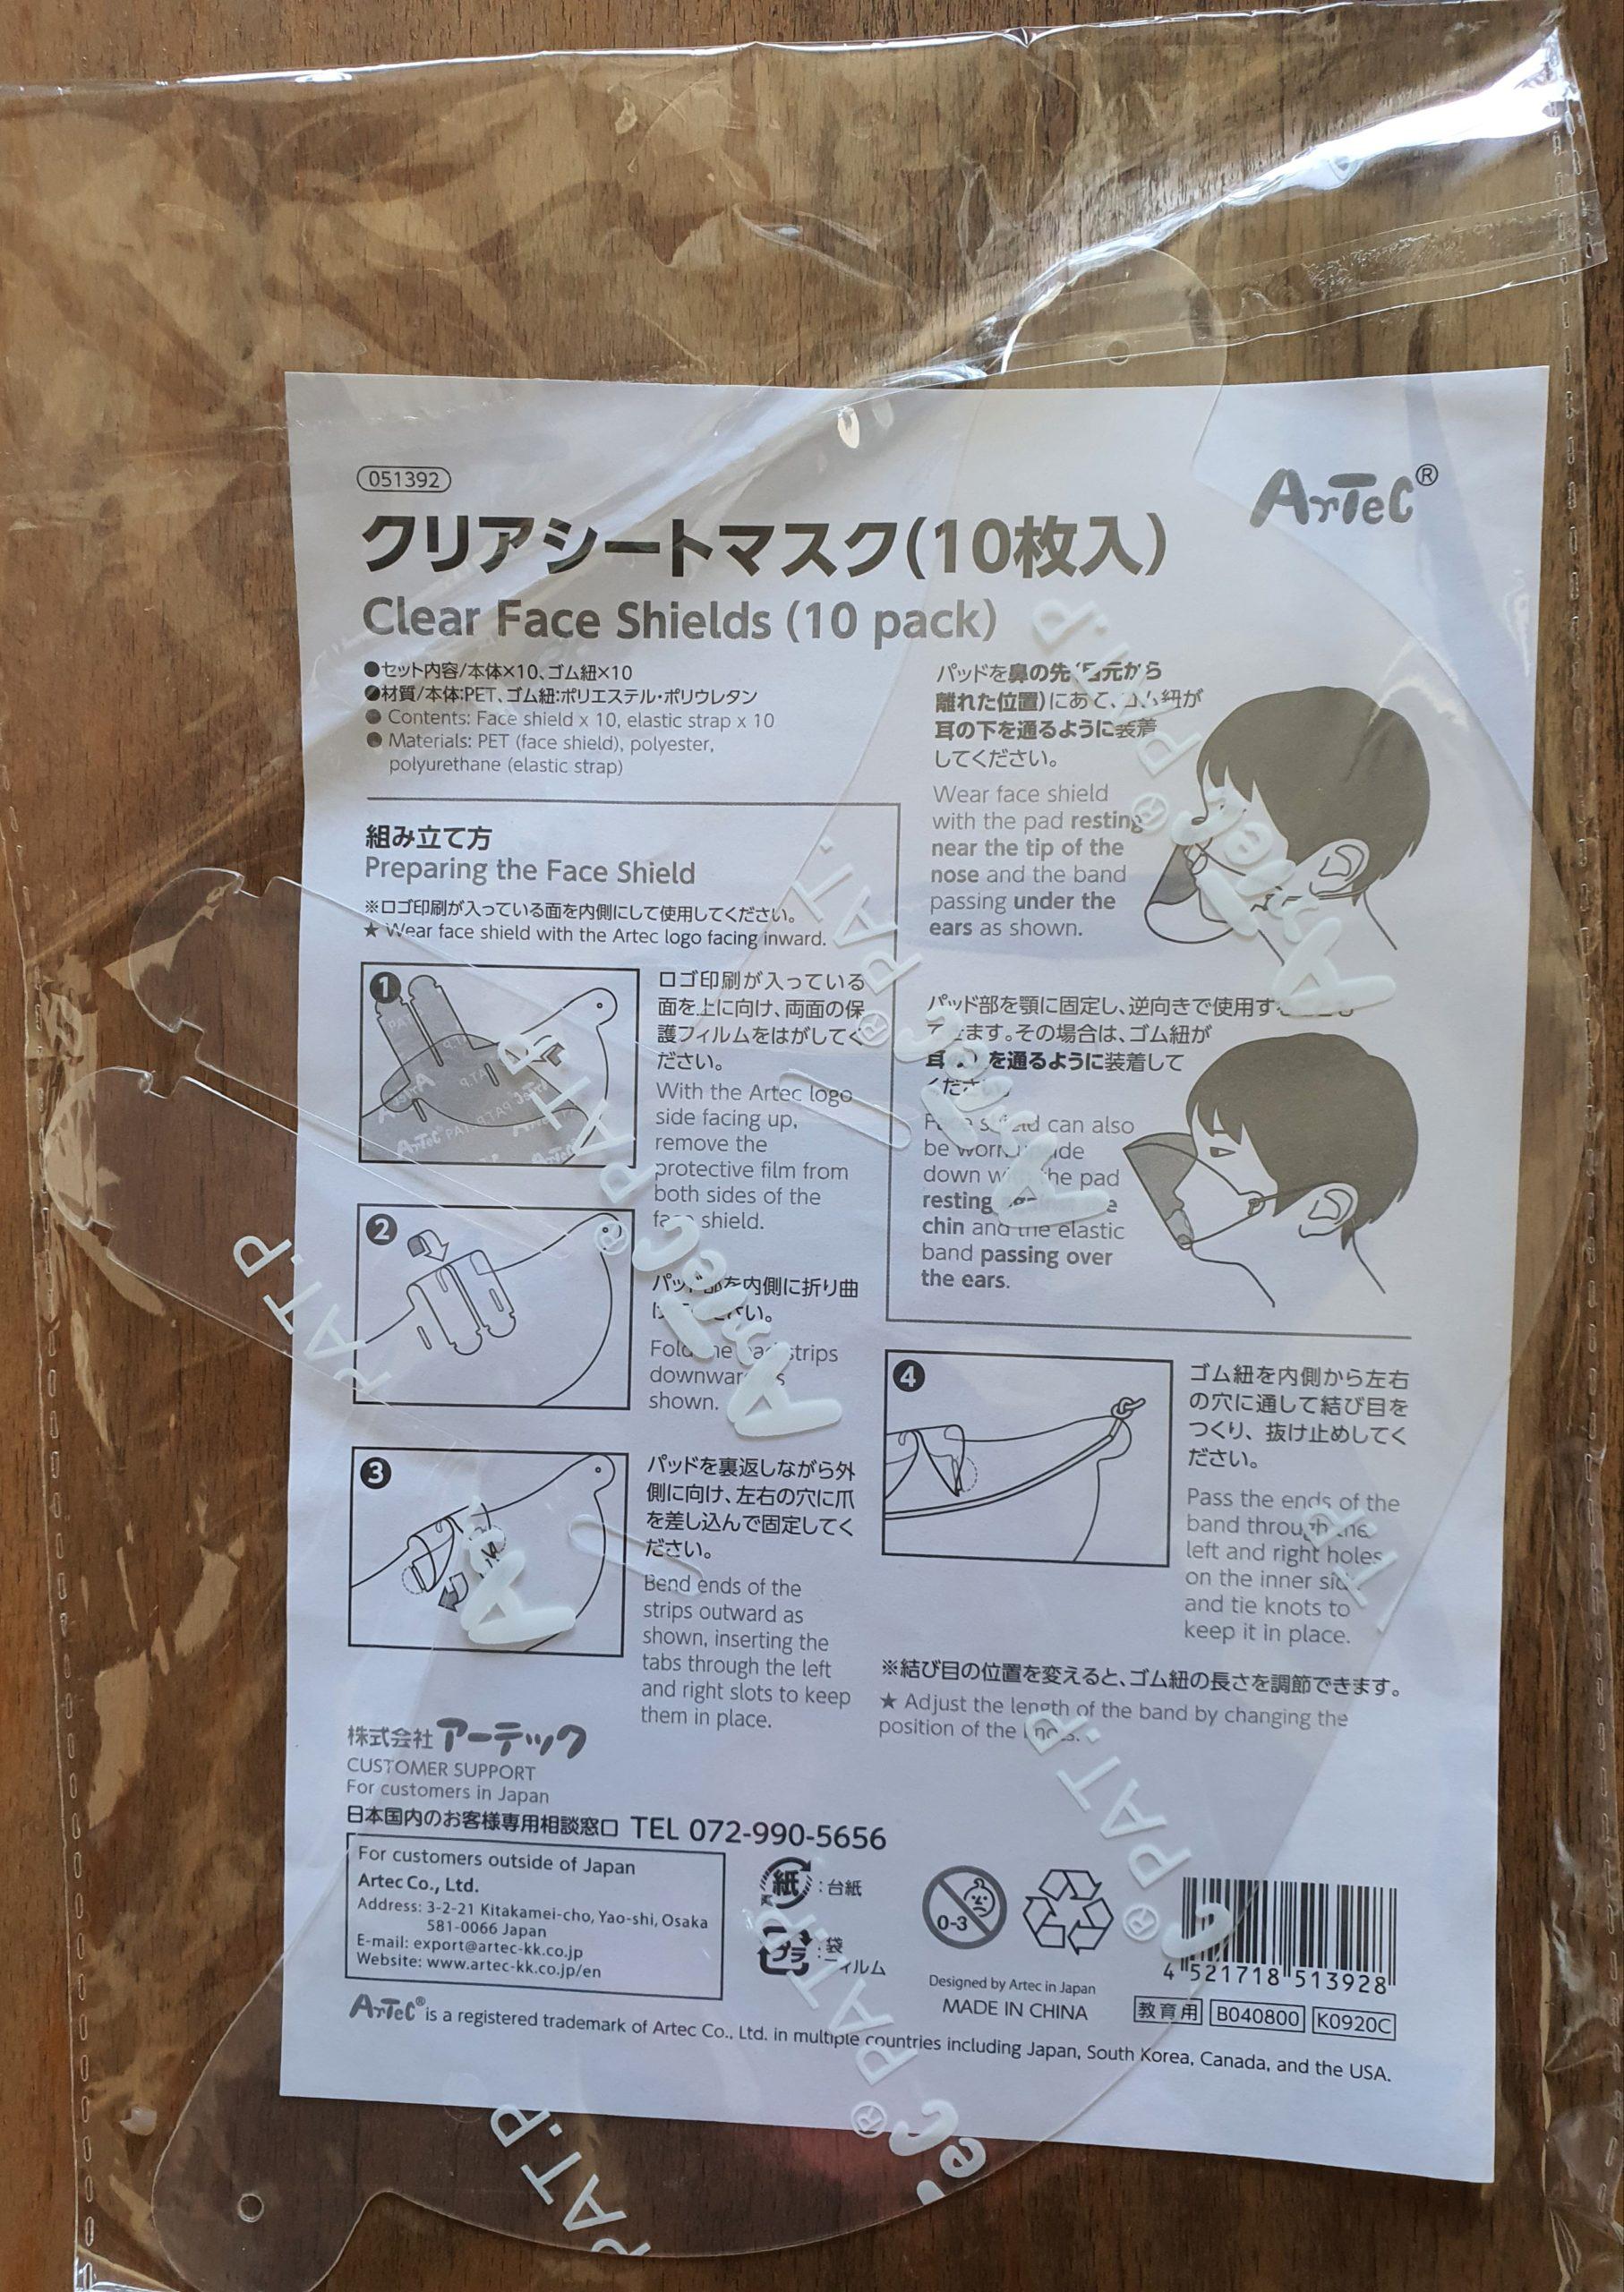 教材屋さんのArtec(アーテック)がクリアシートマスクを販売